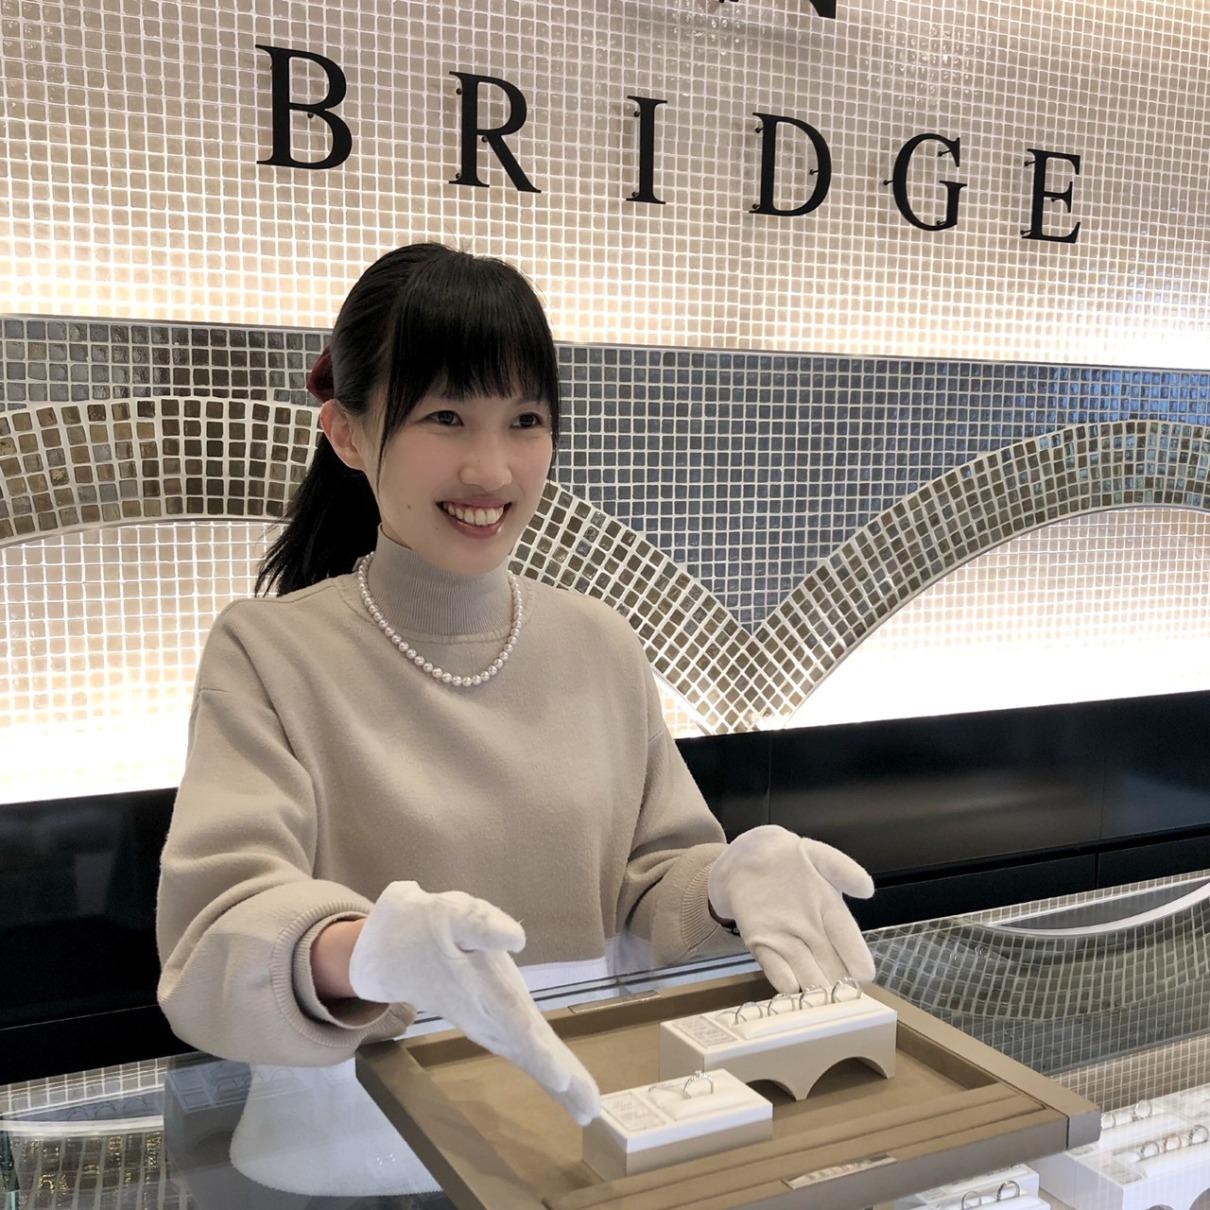 ダイヤモンドが大好きなBRIDGE銀座のスタッフです。